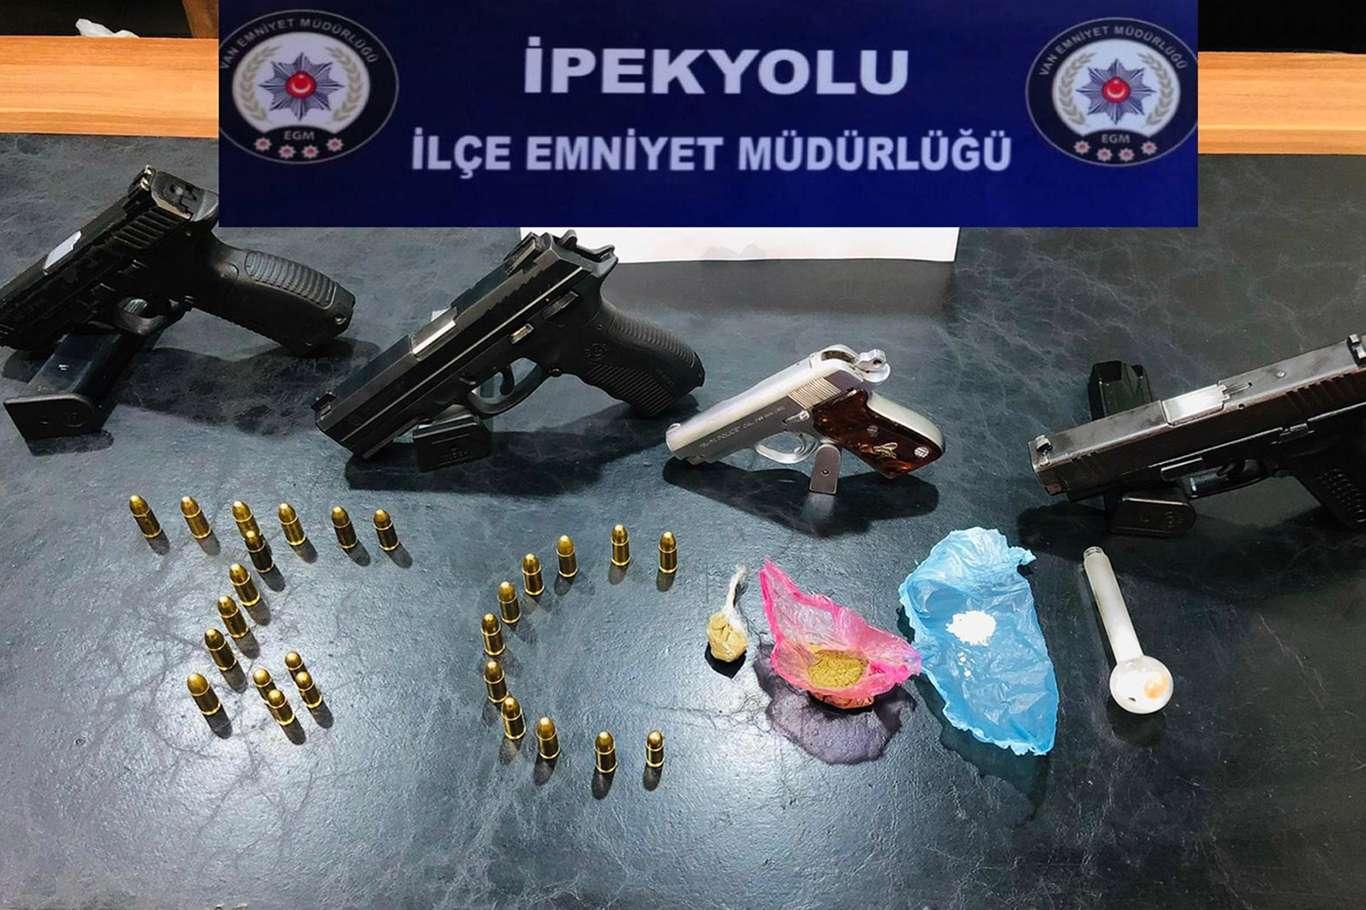 Van'da Yapılan Şok Aramada 4 Adet Tabanca Ve Uyuşturucu Yakalandı